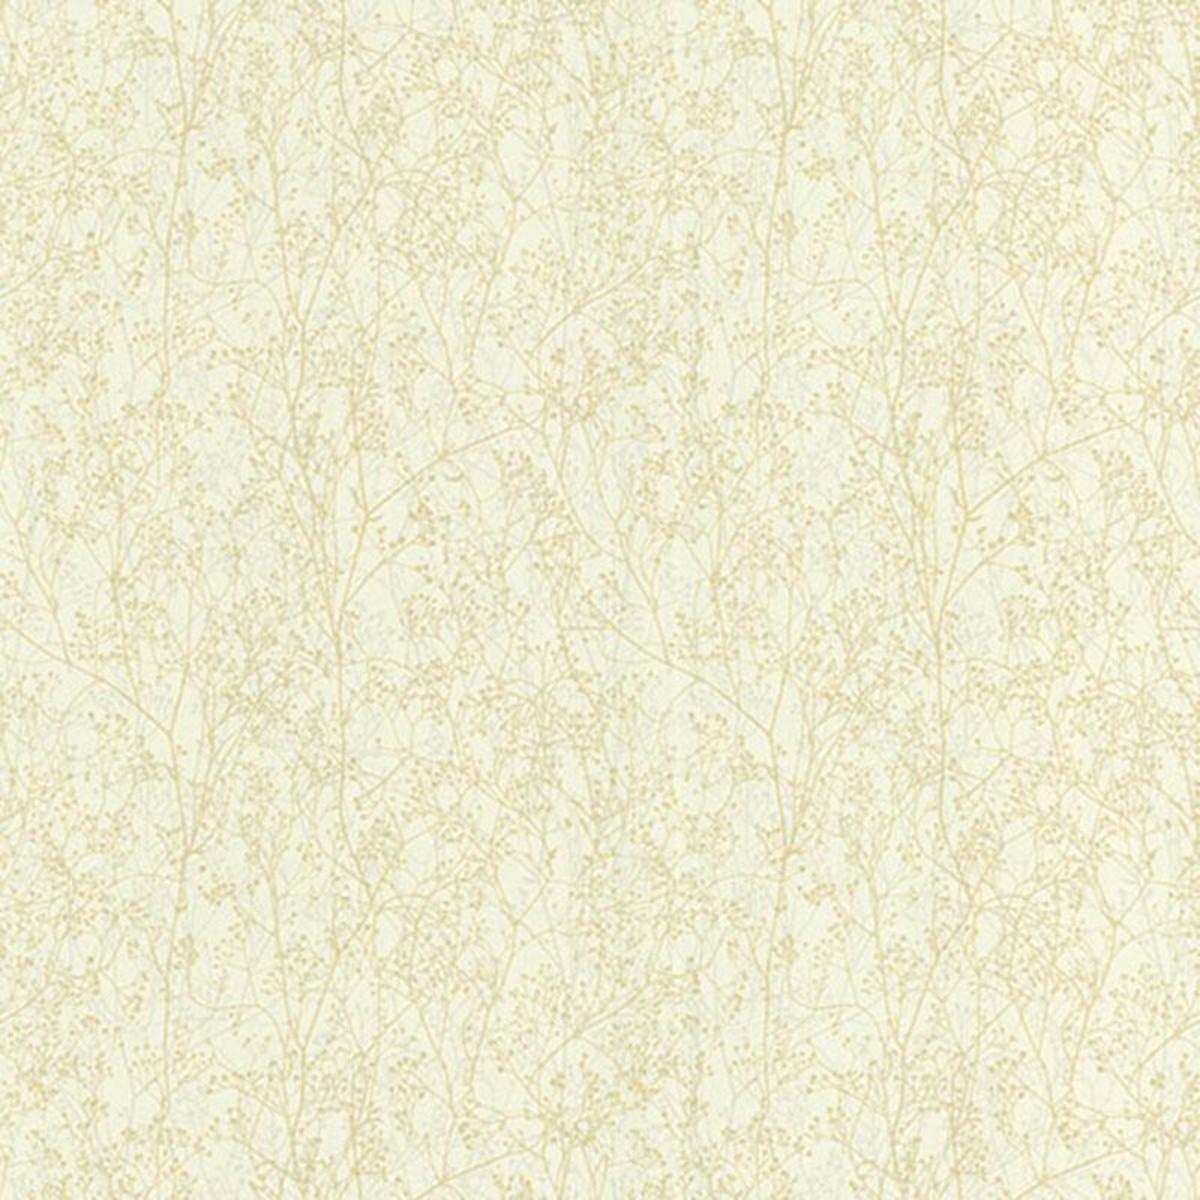 Обои флизелиновые Мир Авангард серые 1.06 м 45-179-06